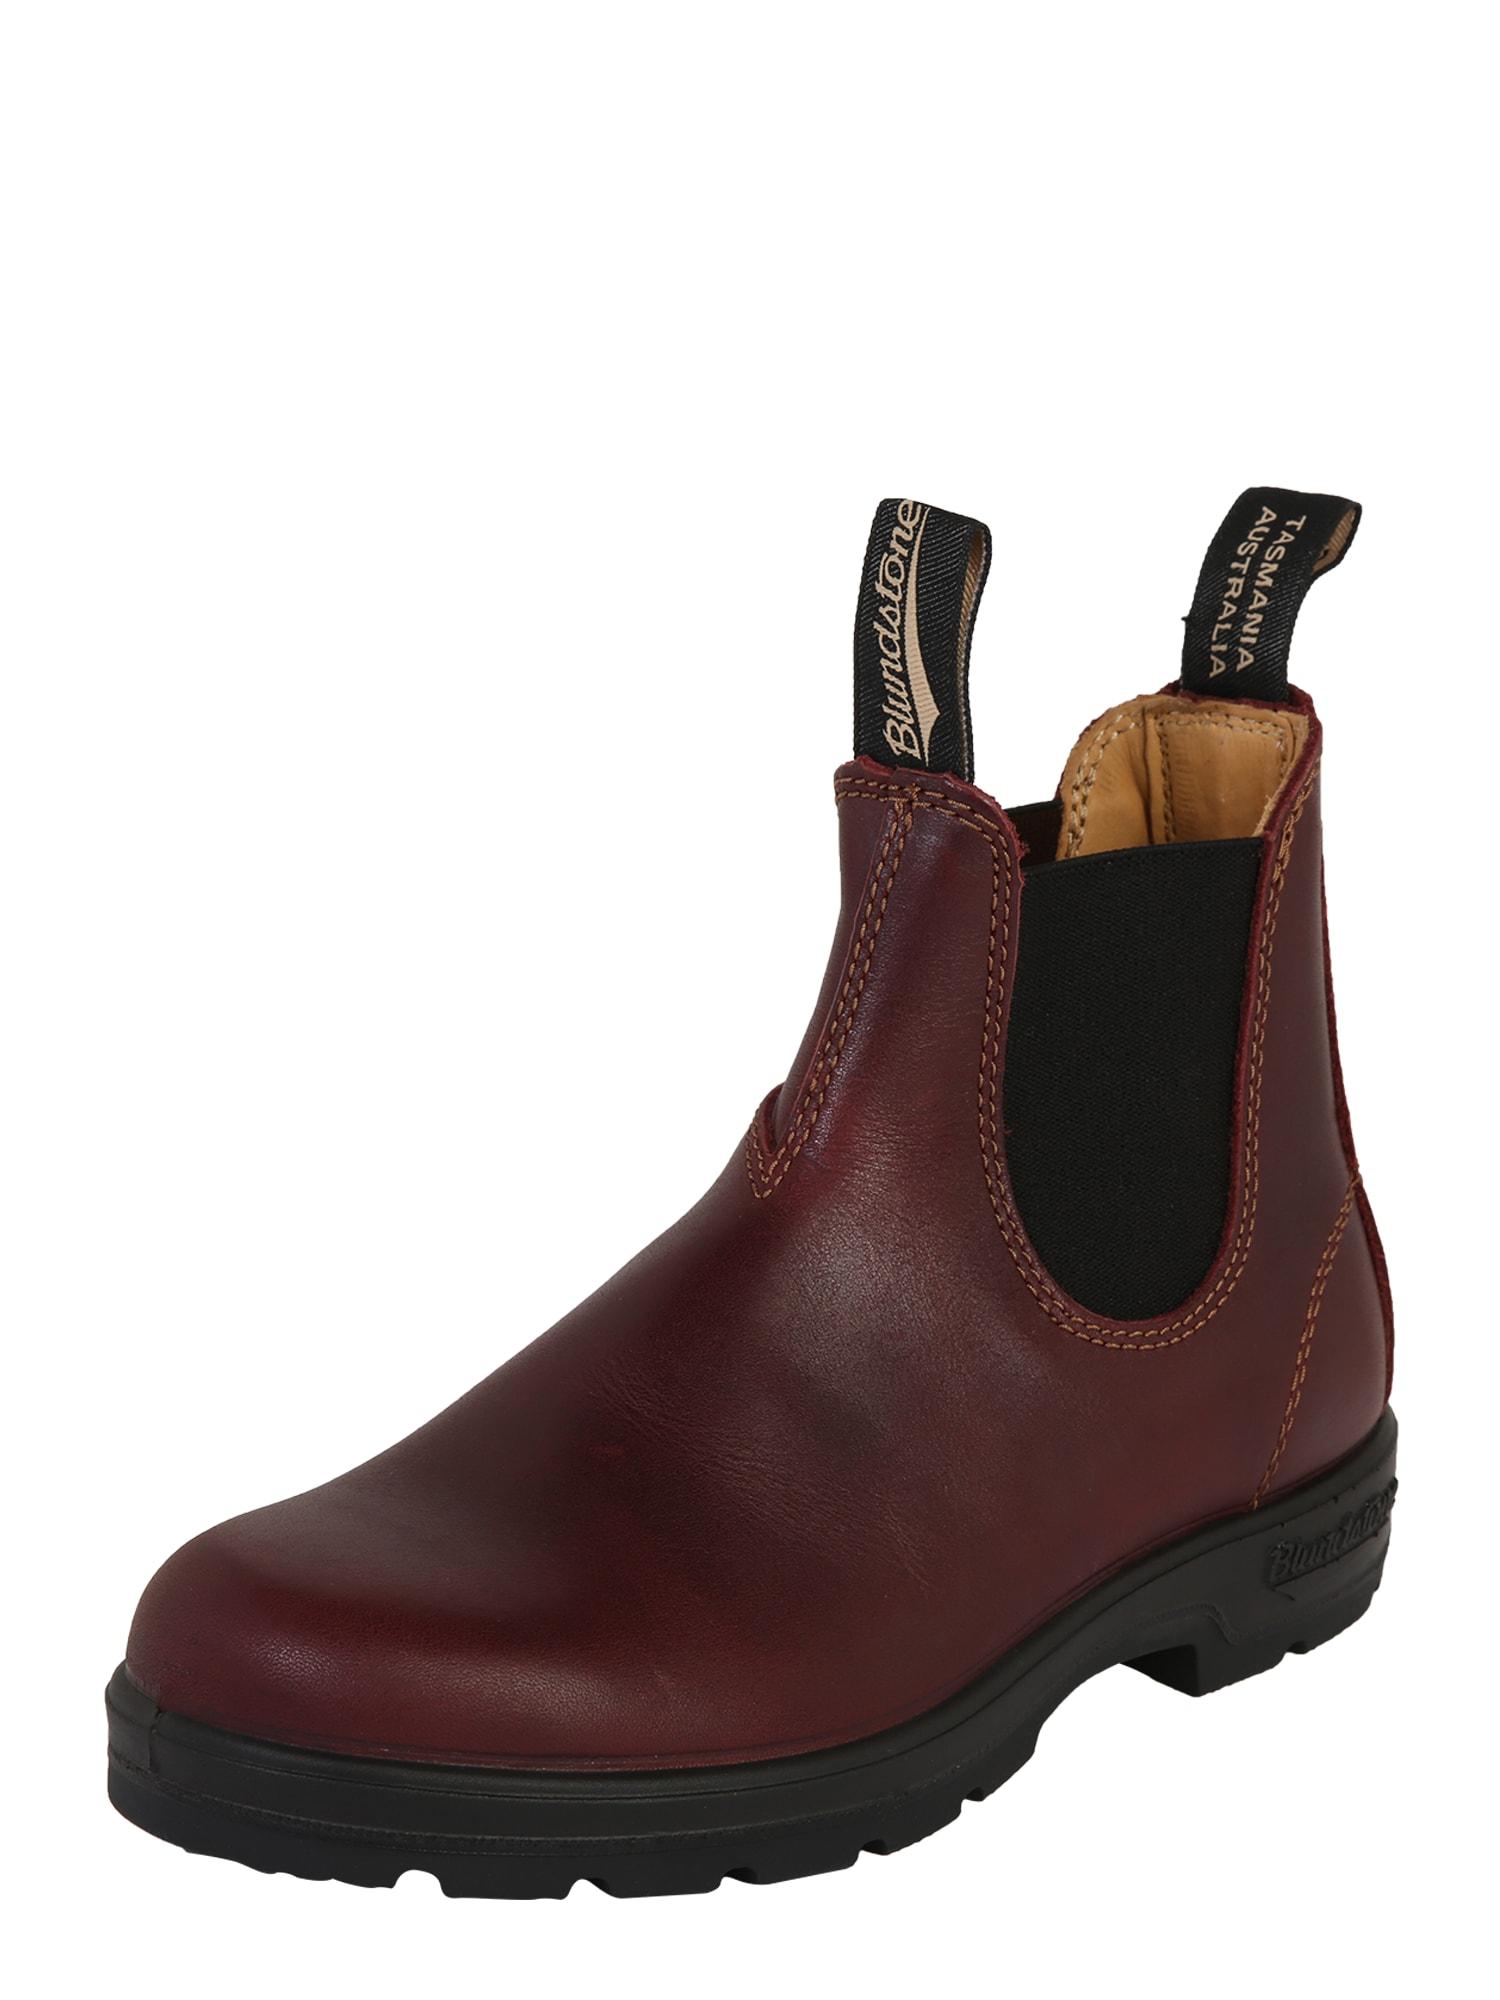 Chelsea boty 1440 hnědá červená Blundstone